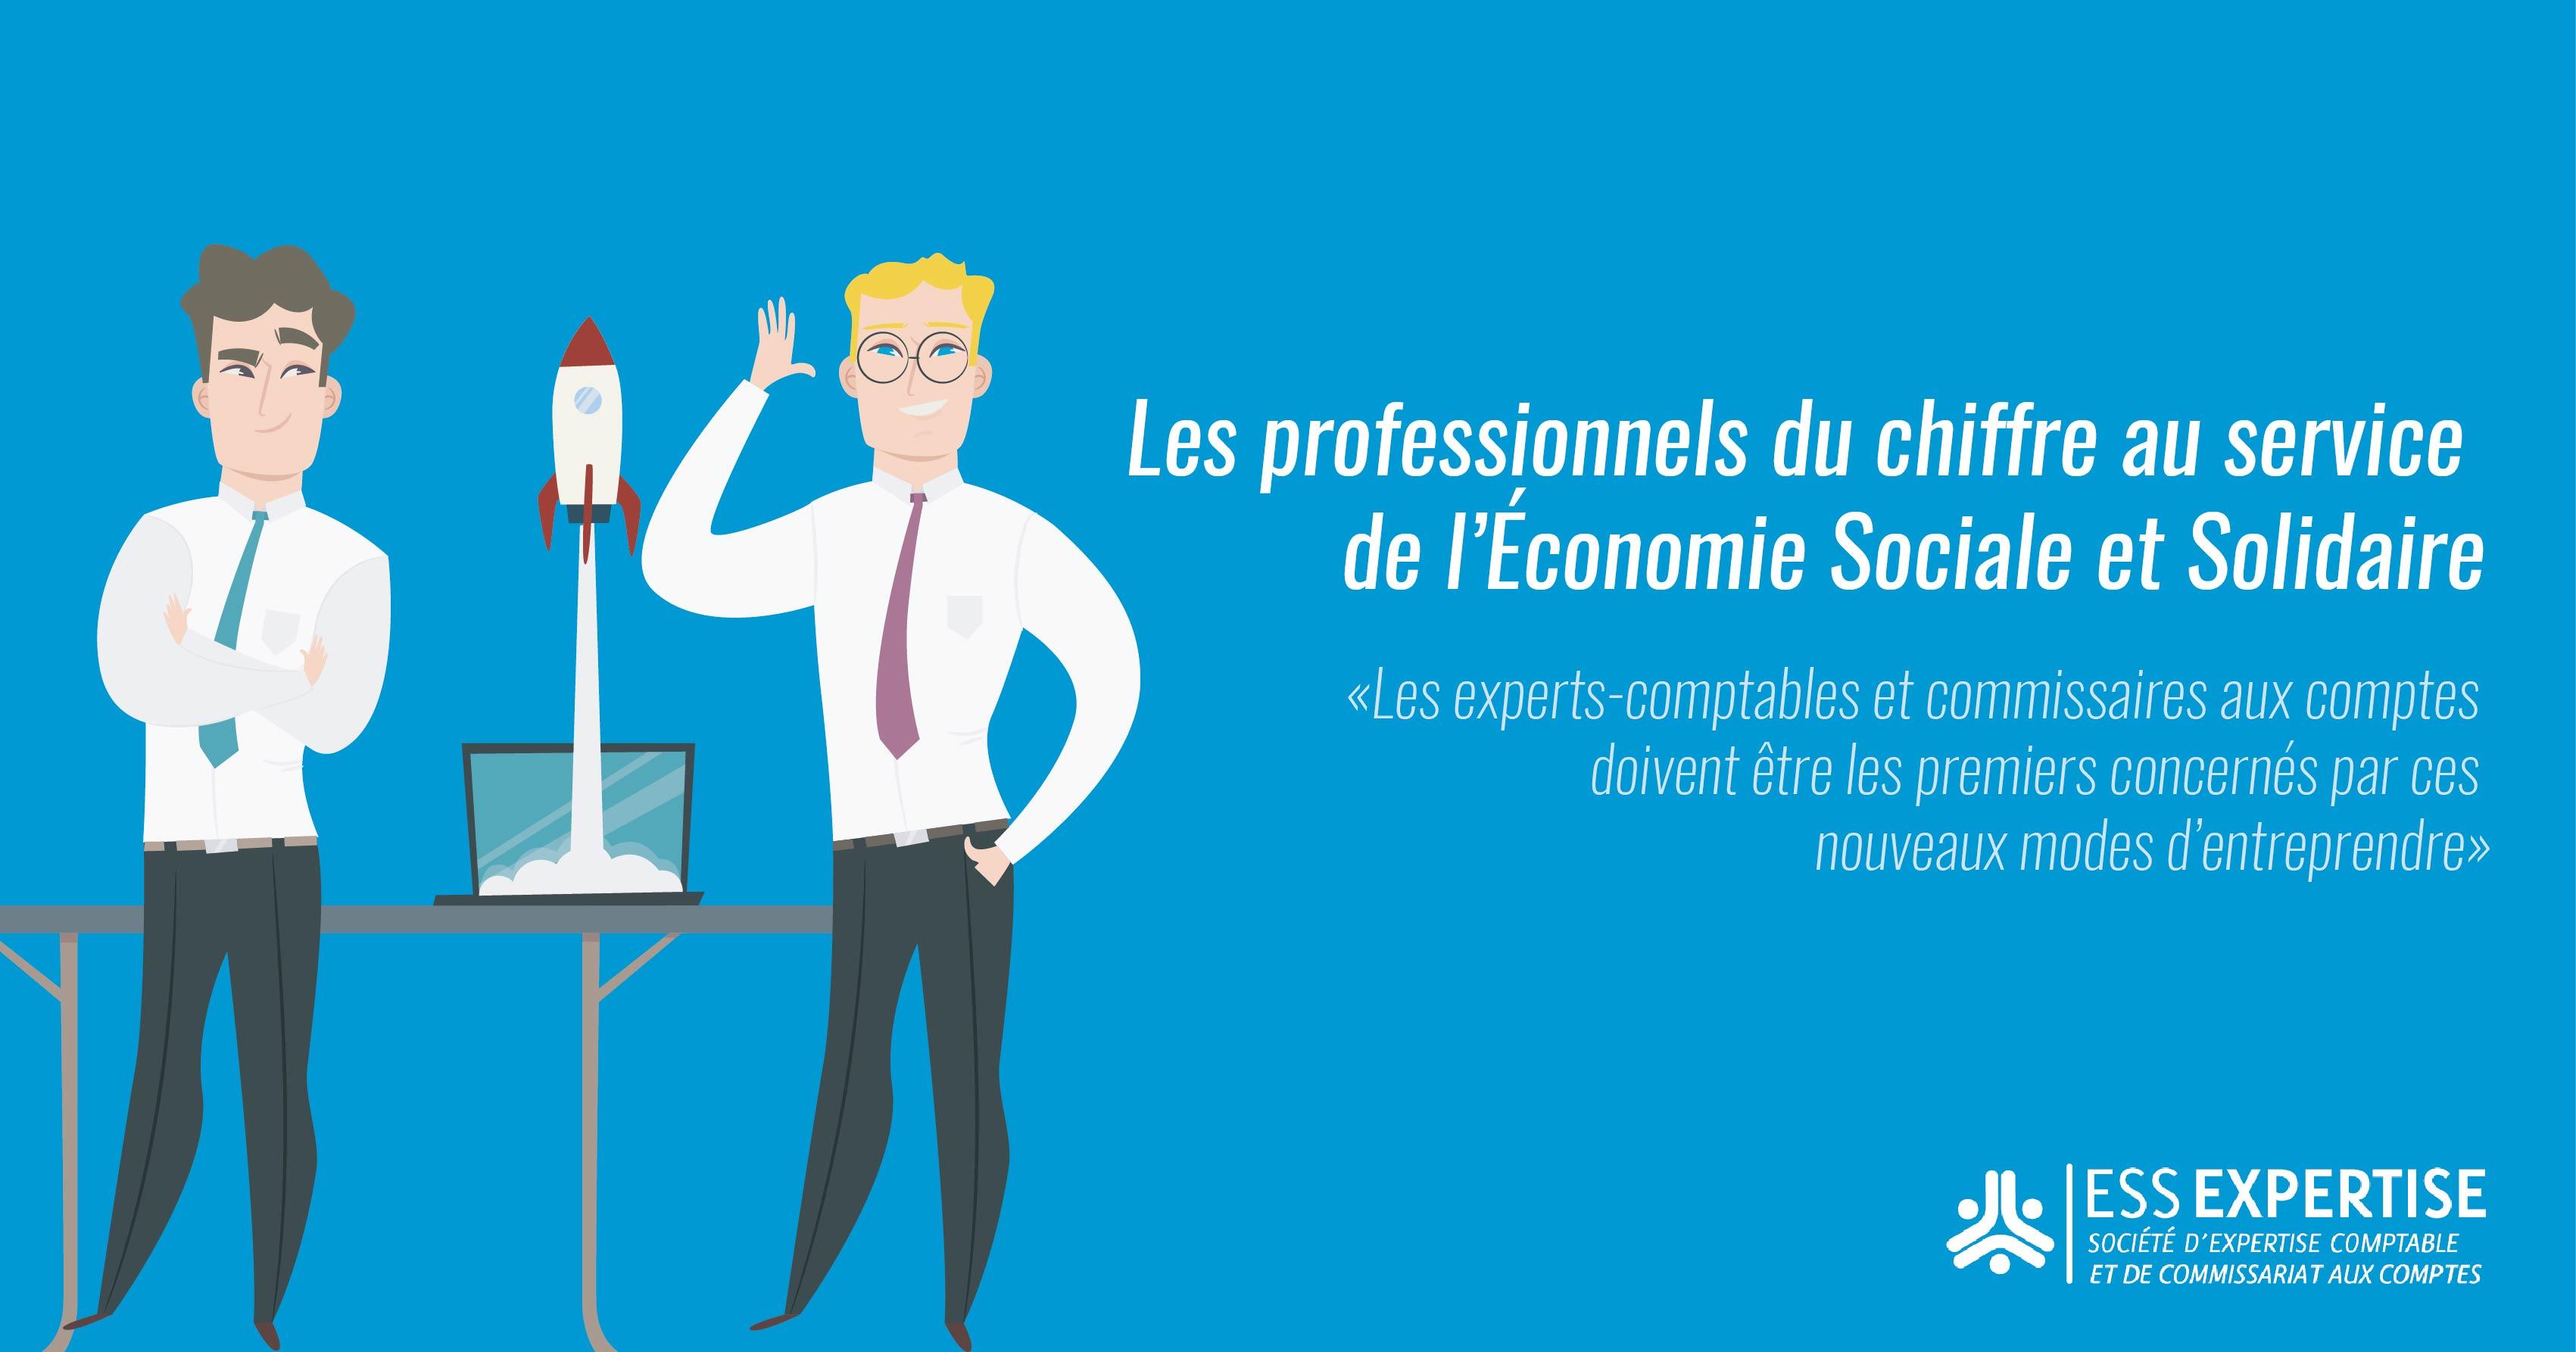 Les professionnels du chiffre au service de l'Économie Sociale et Solidaire